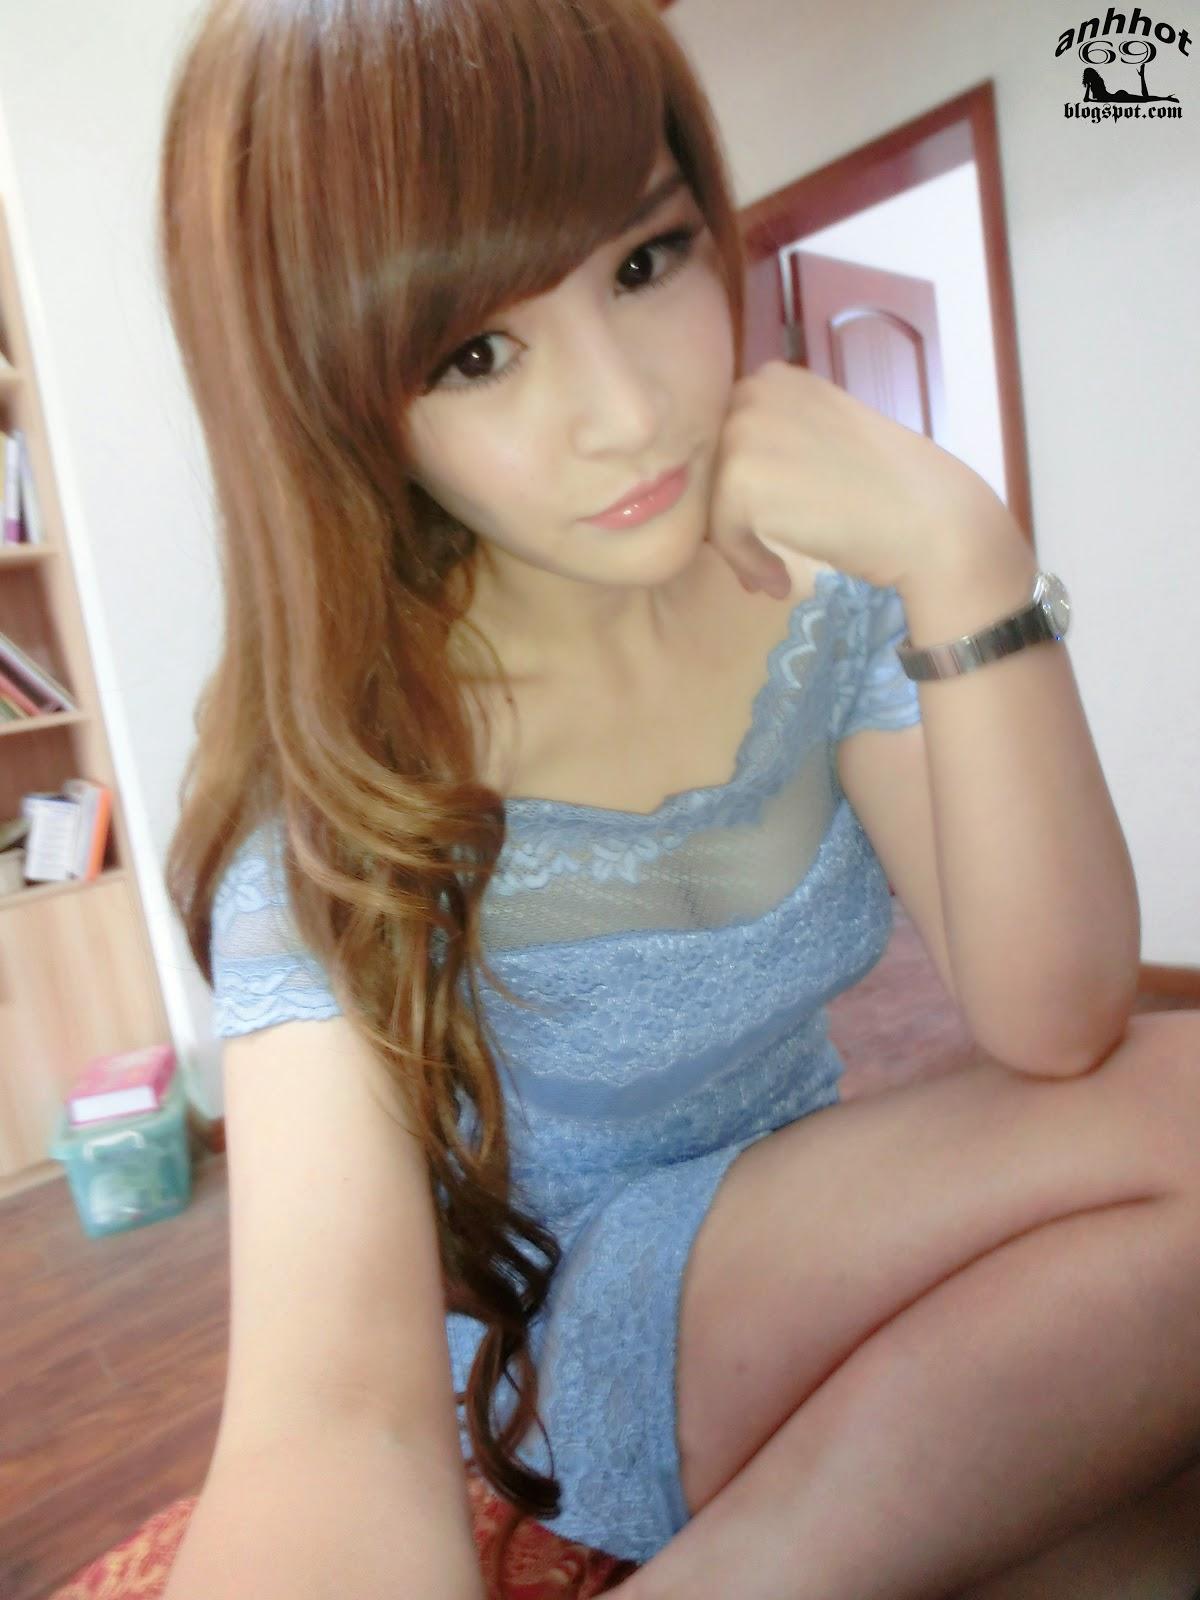 Suxia_h8_1173149787b5511da8o